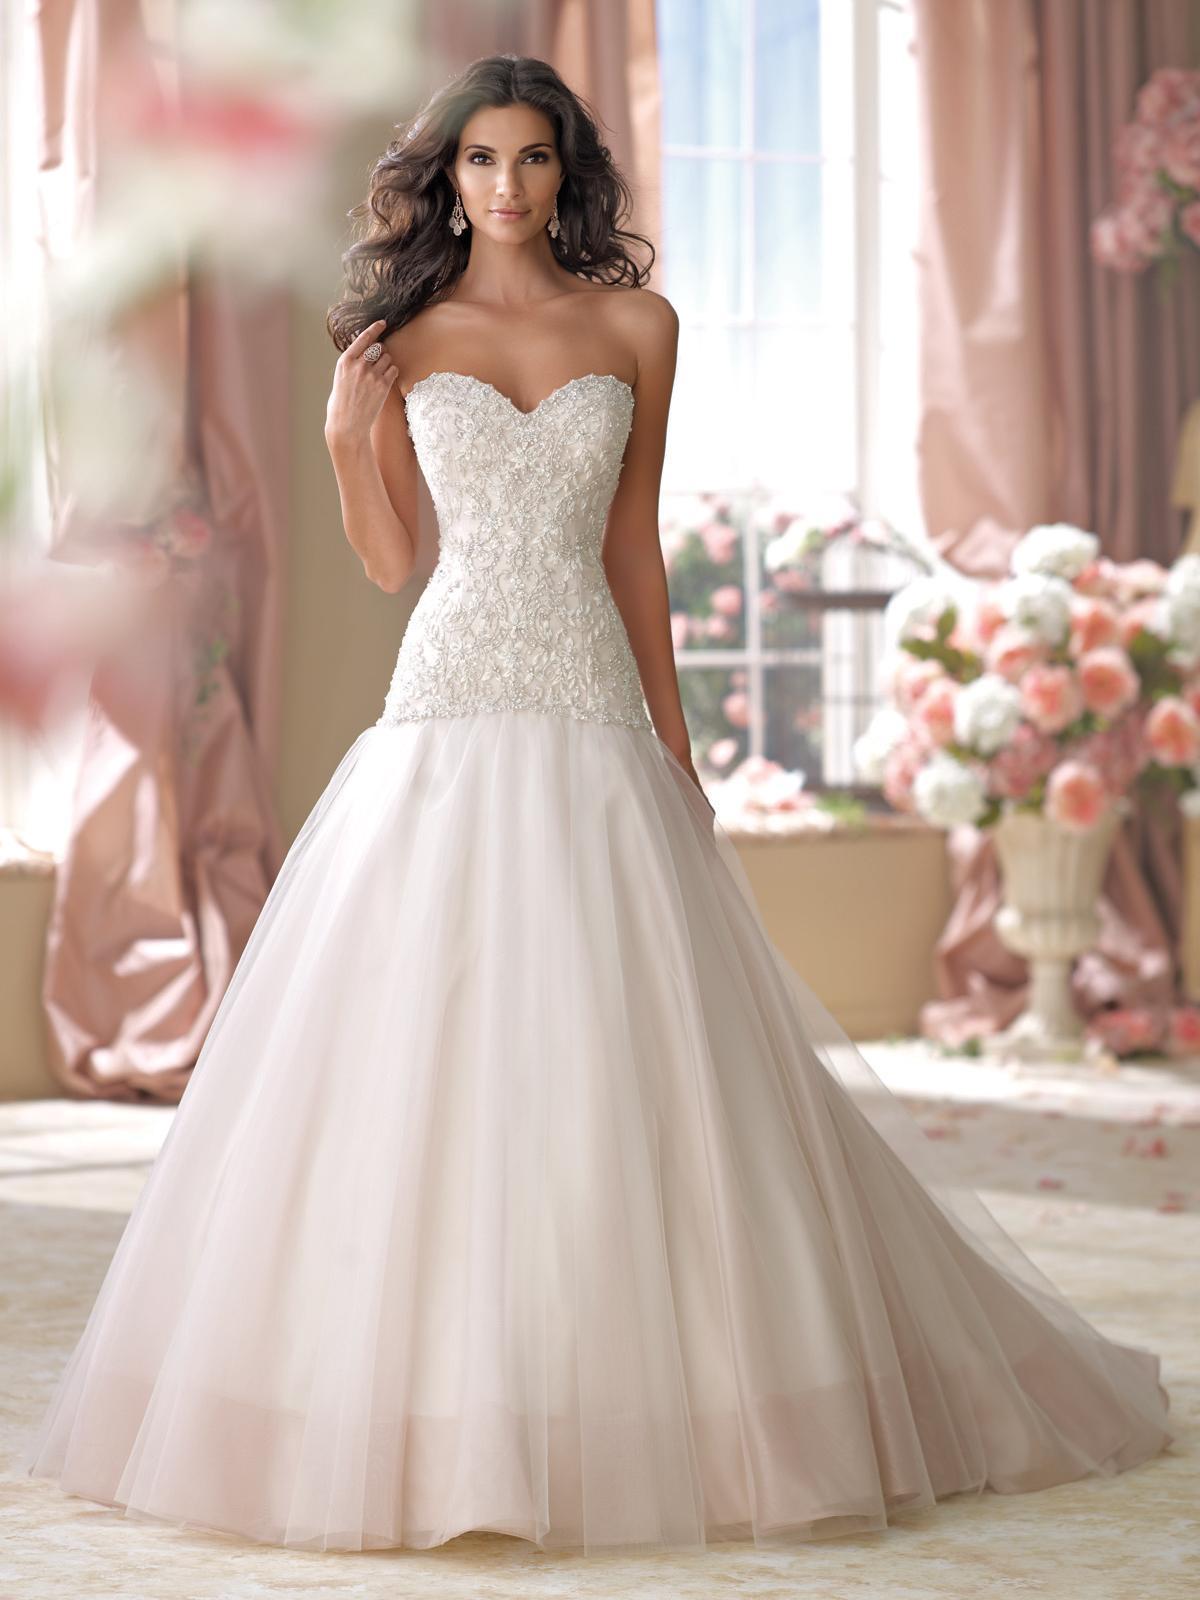 Svadobné šaty, čo sa mi páčia :) - Obrázok č. 51